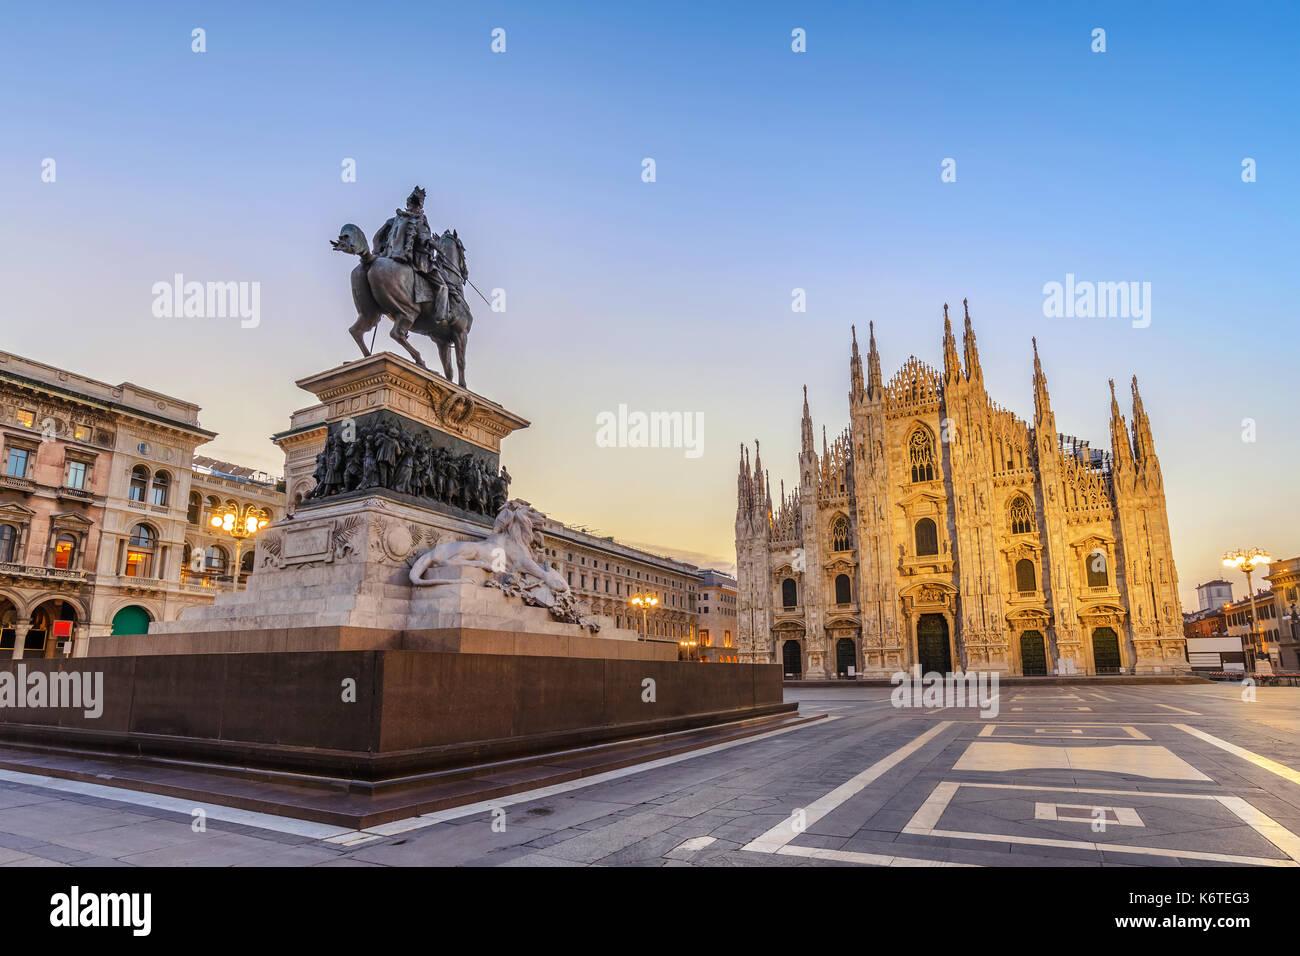 La catedral de Milán (Duomo de Milán) al amanecer, Milán (Milán), Italia Foto de stock